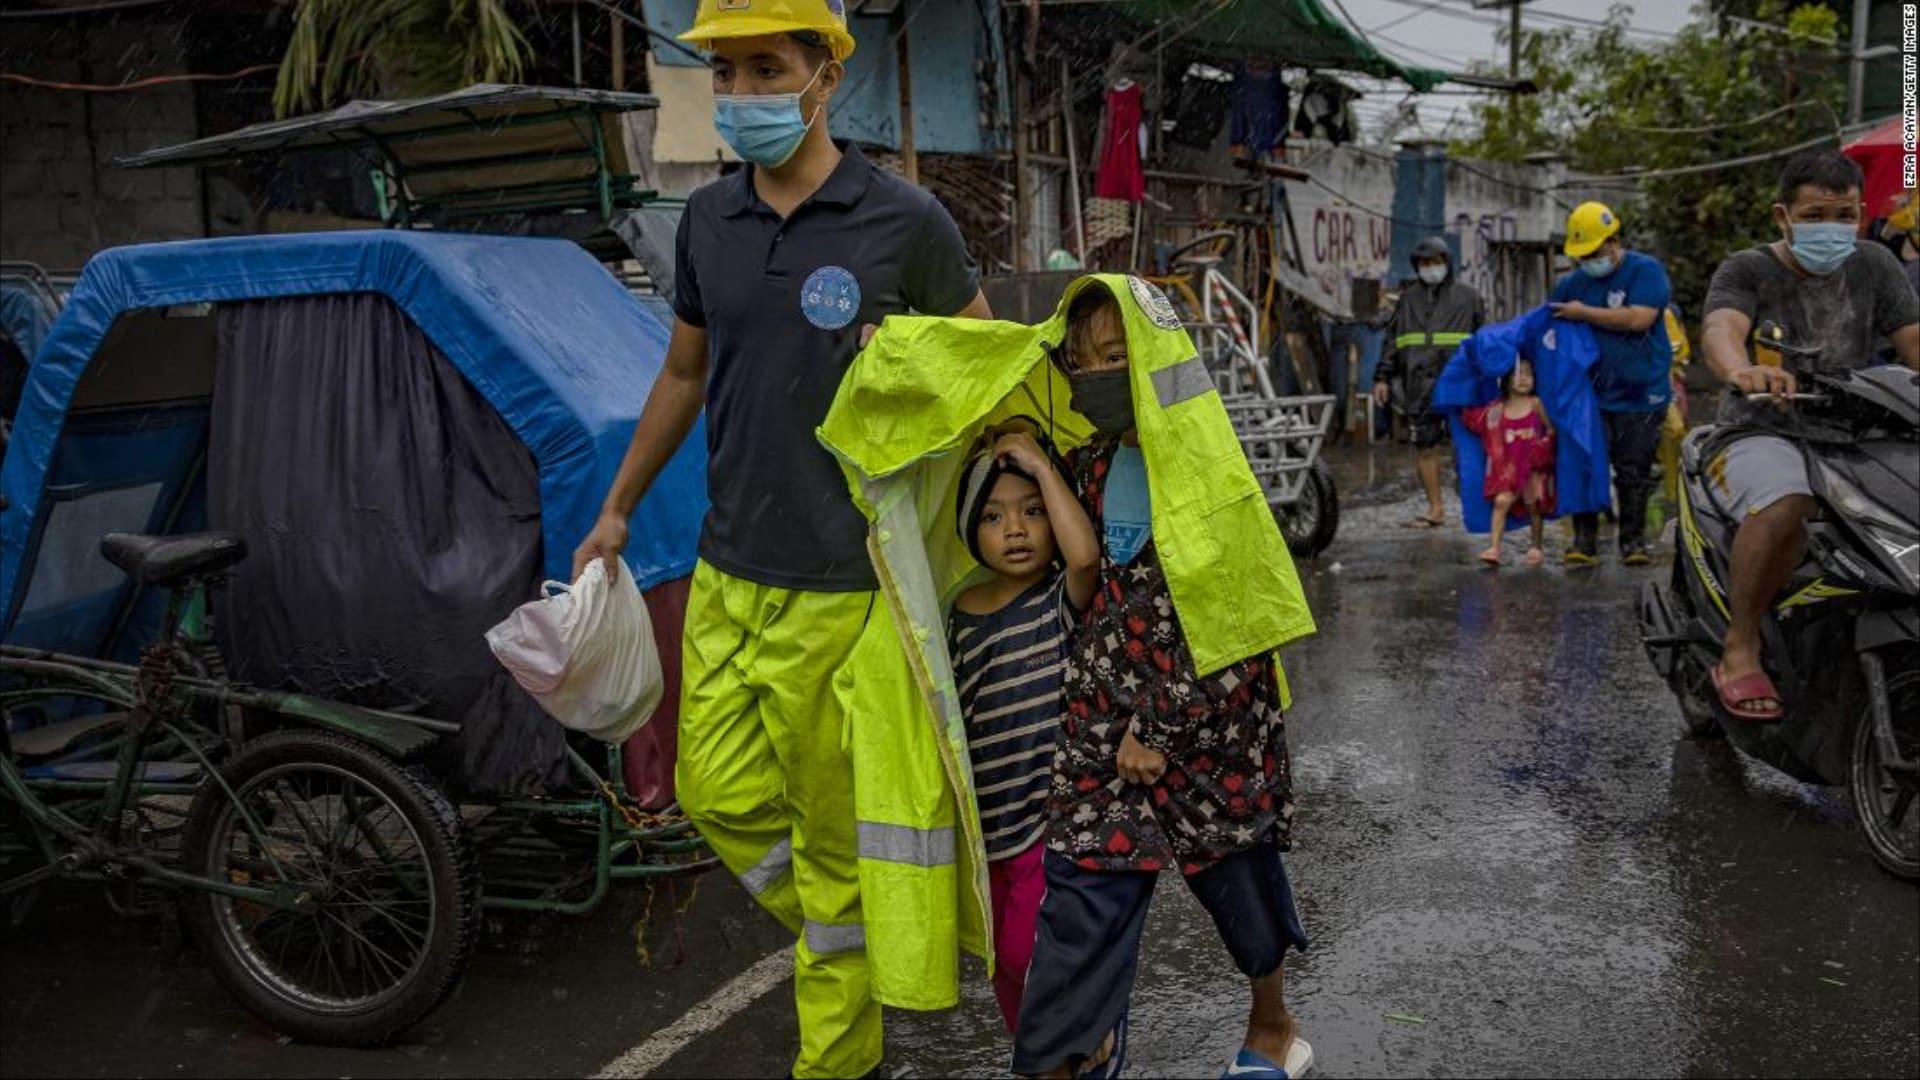 دمار ومعاناة.. إعصار غوني يضرر أكثر من مليونين شخصاً